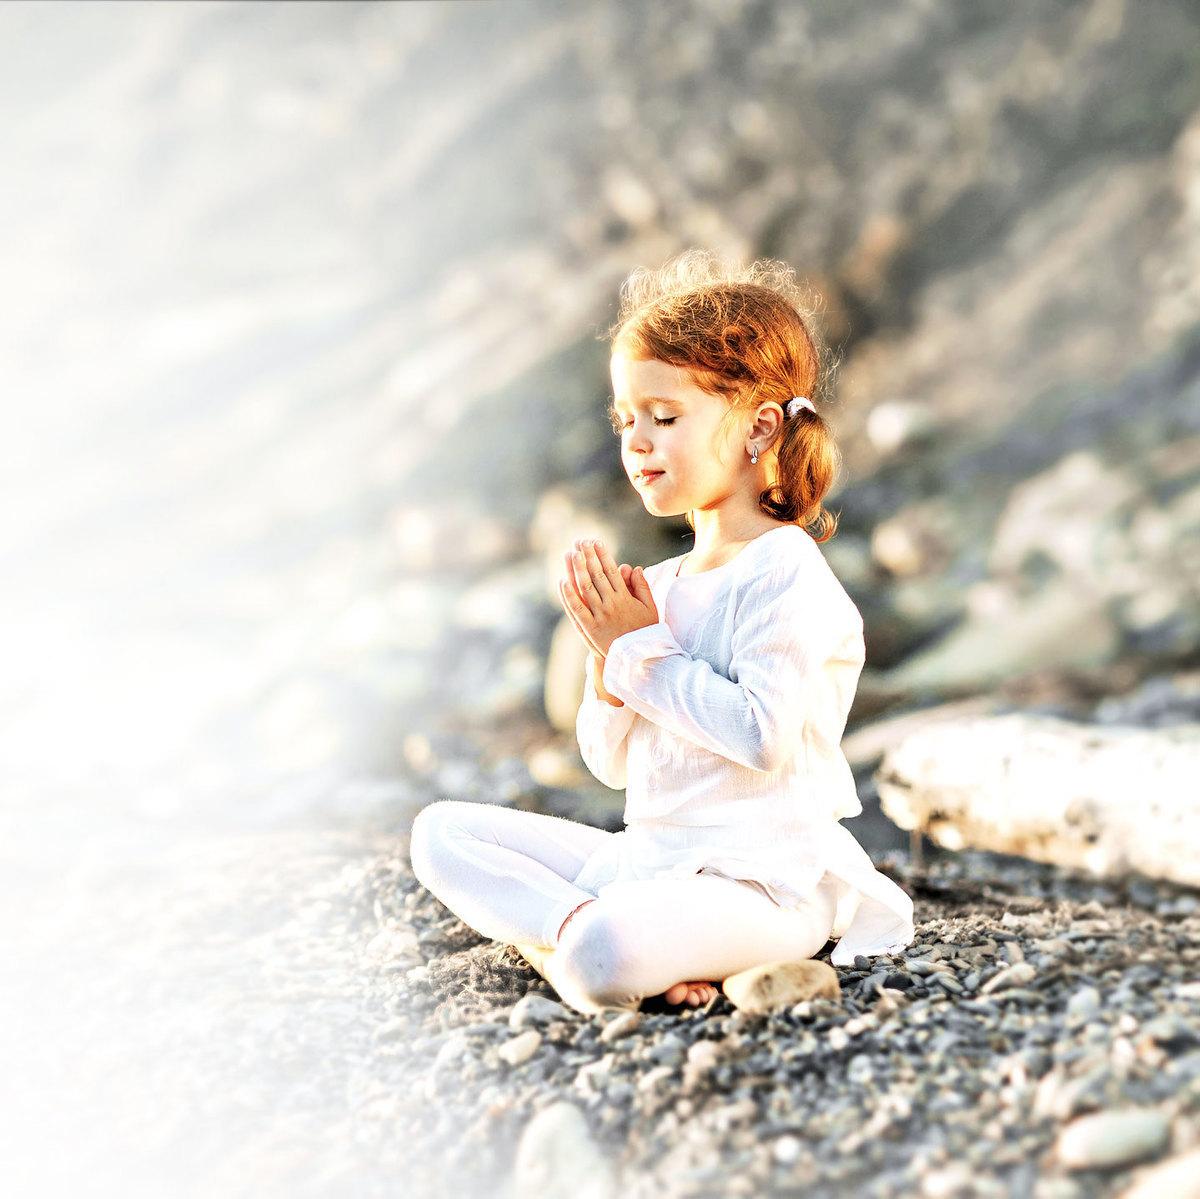 入靜冥想對孩子提高注意力、變得冷靜有很大幫助。(Fotolia)